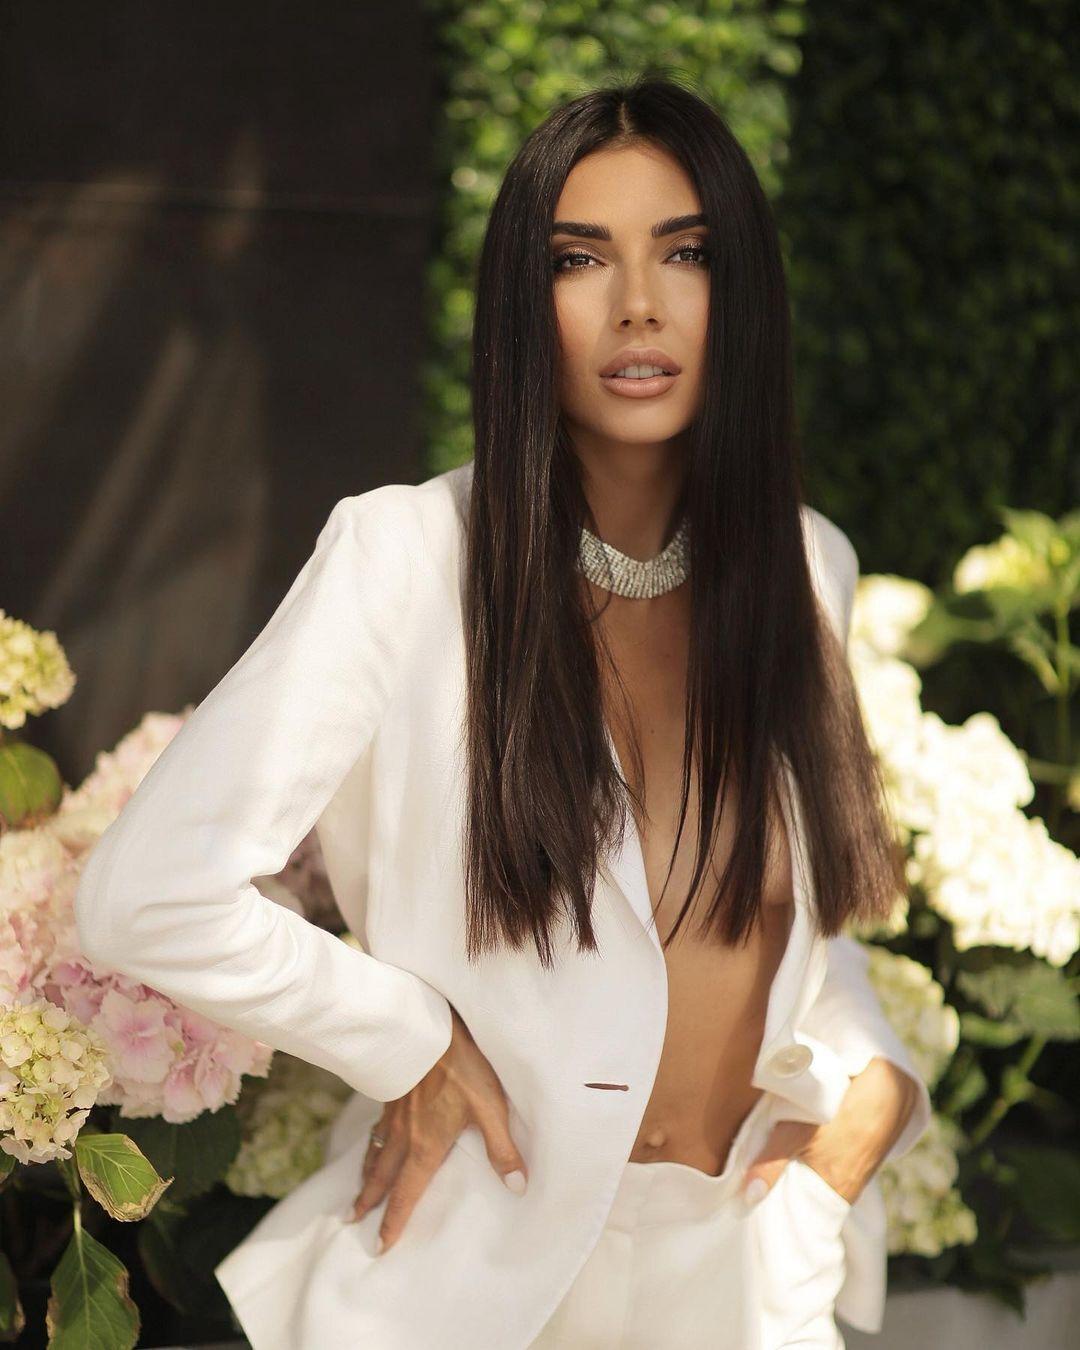 Татьяна Макаренко в белом пиджаке